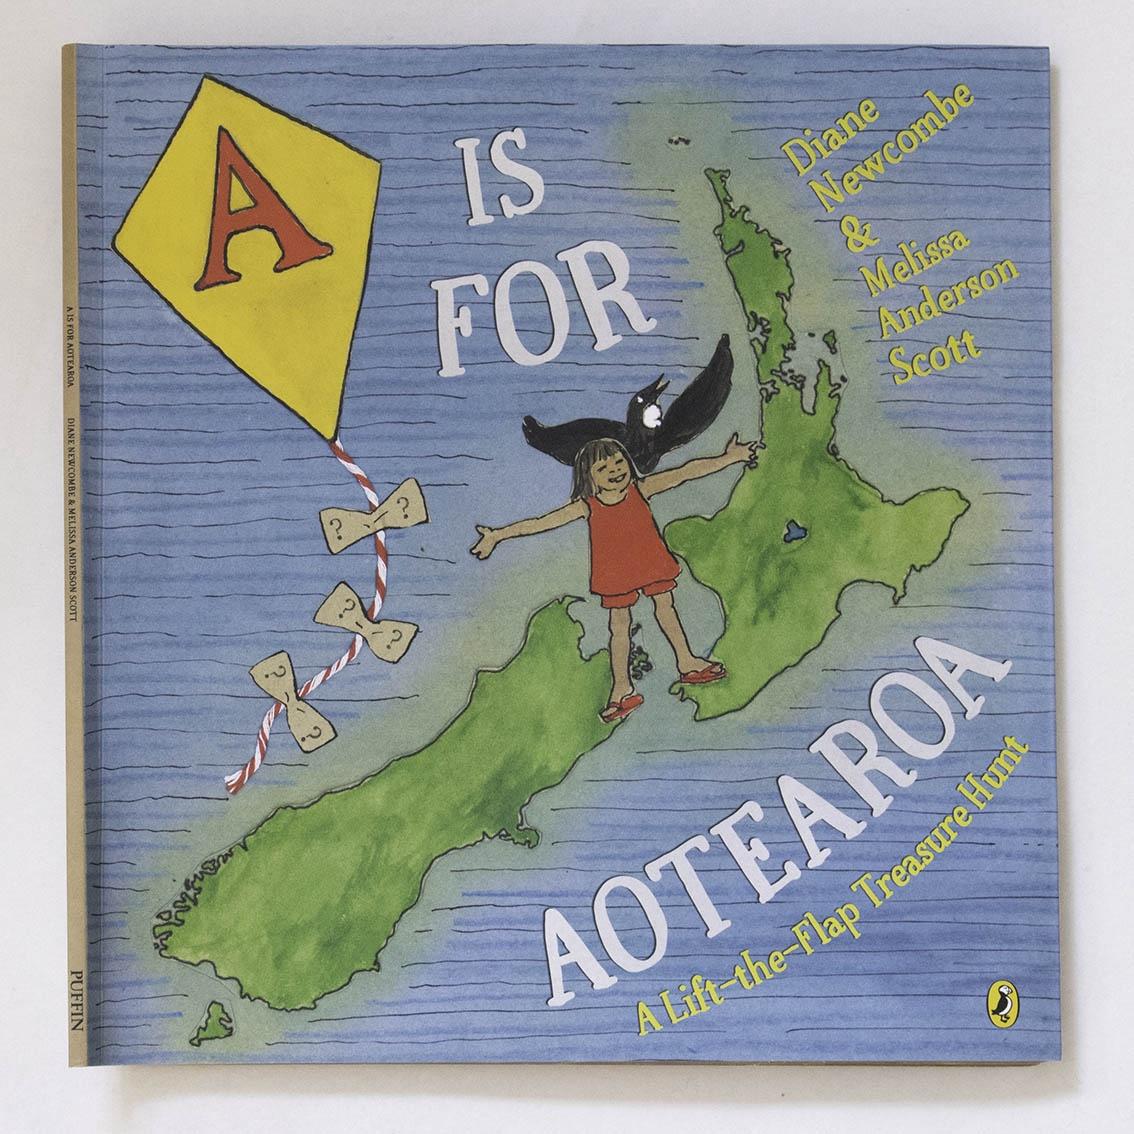 A is for Aotearoa